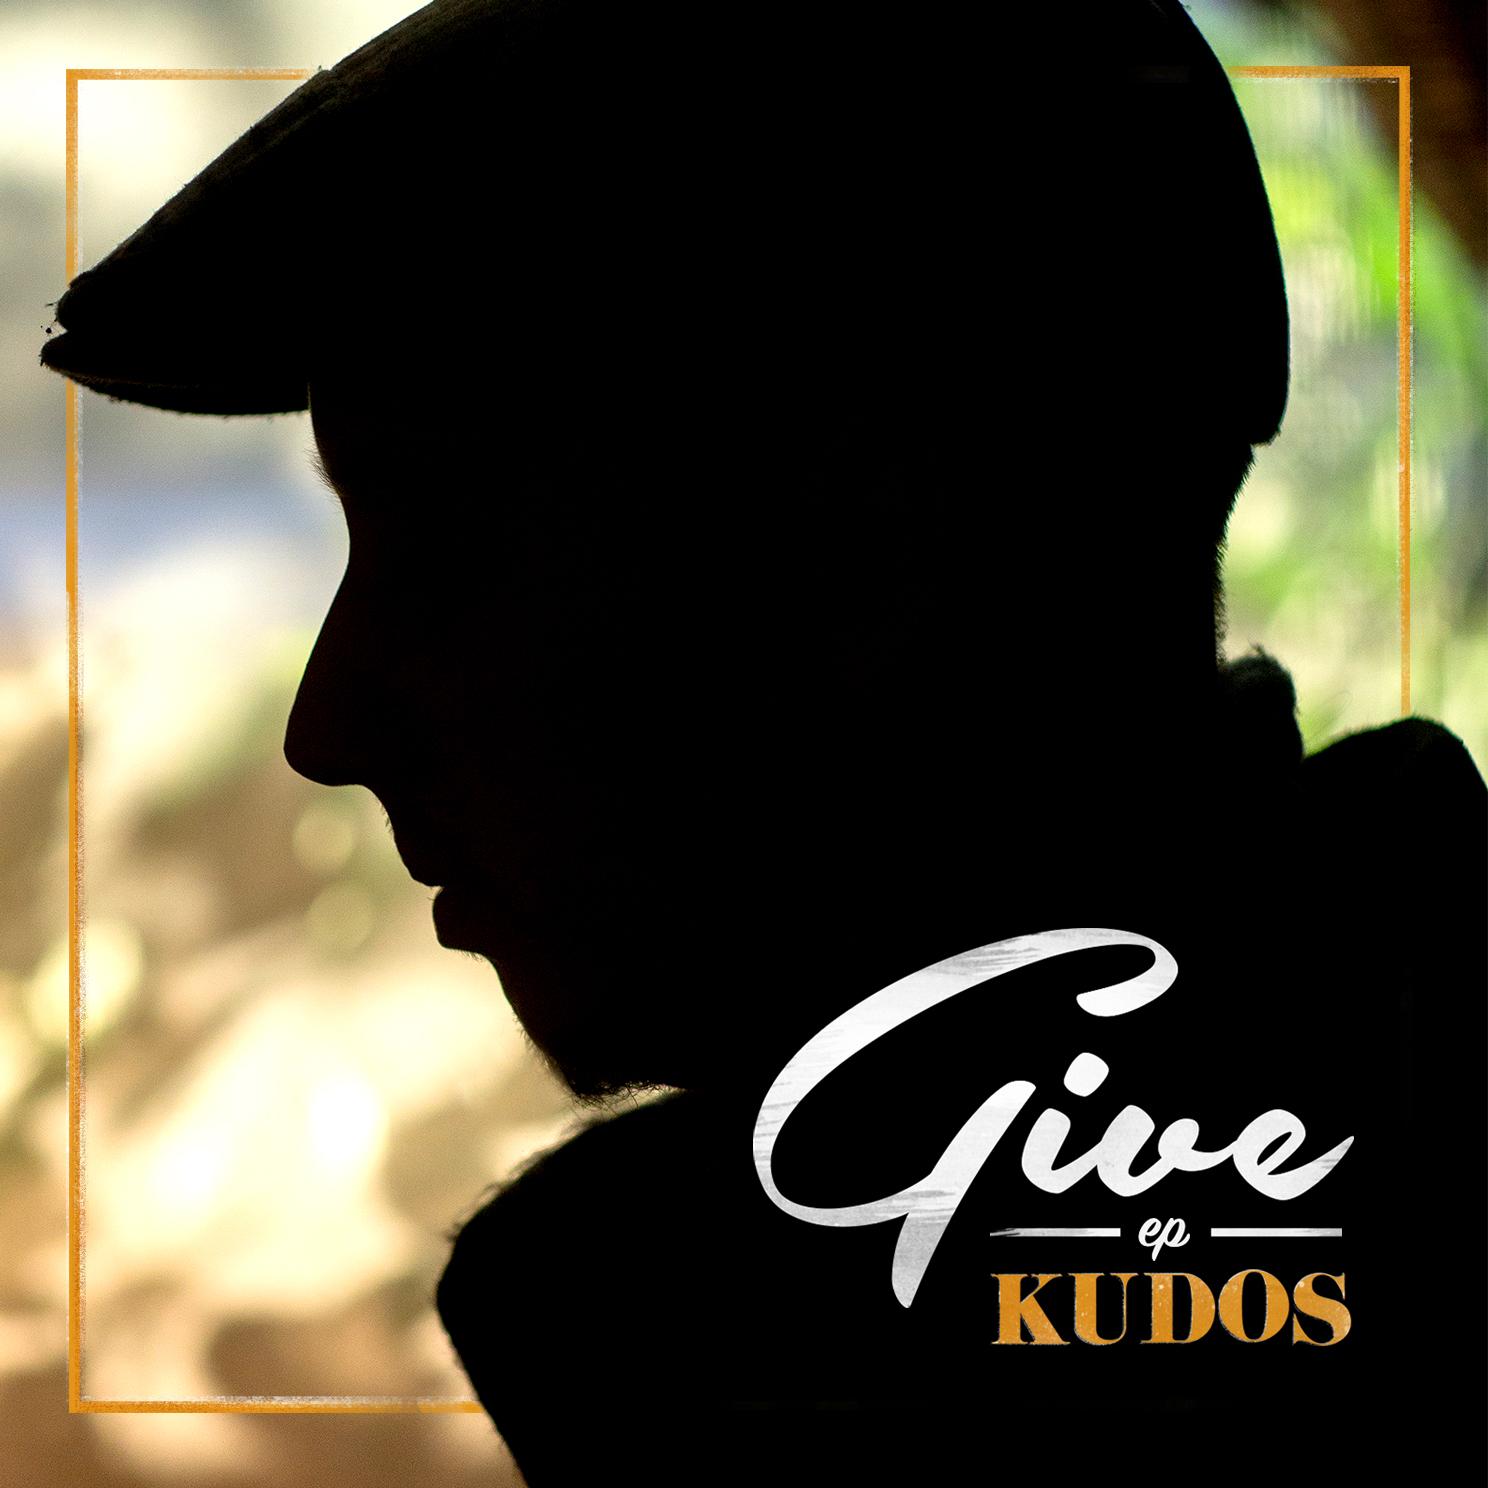 Kudos - Give